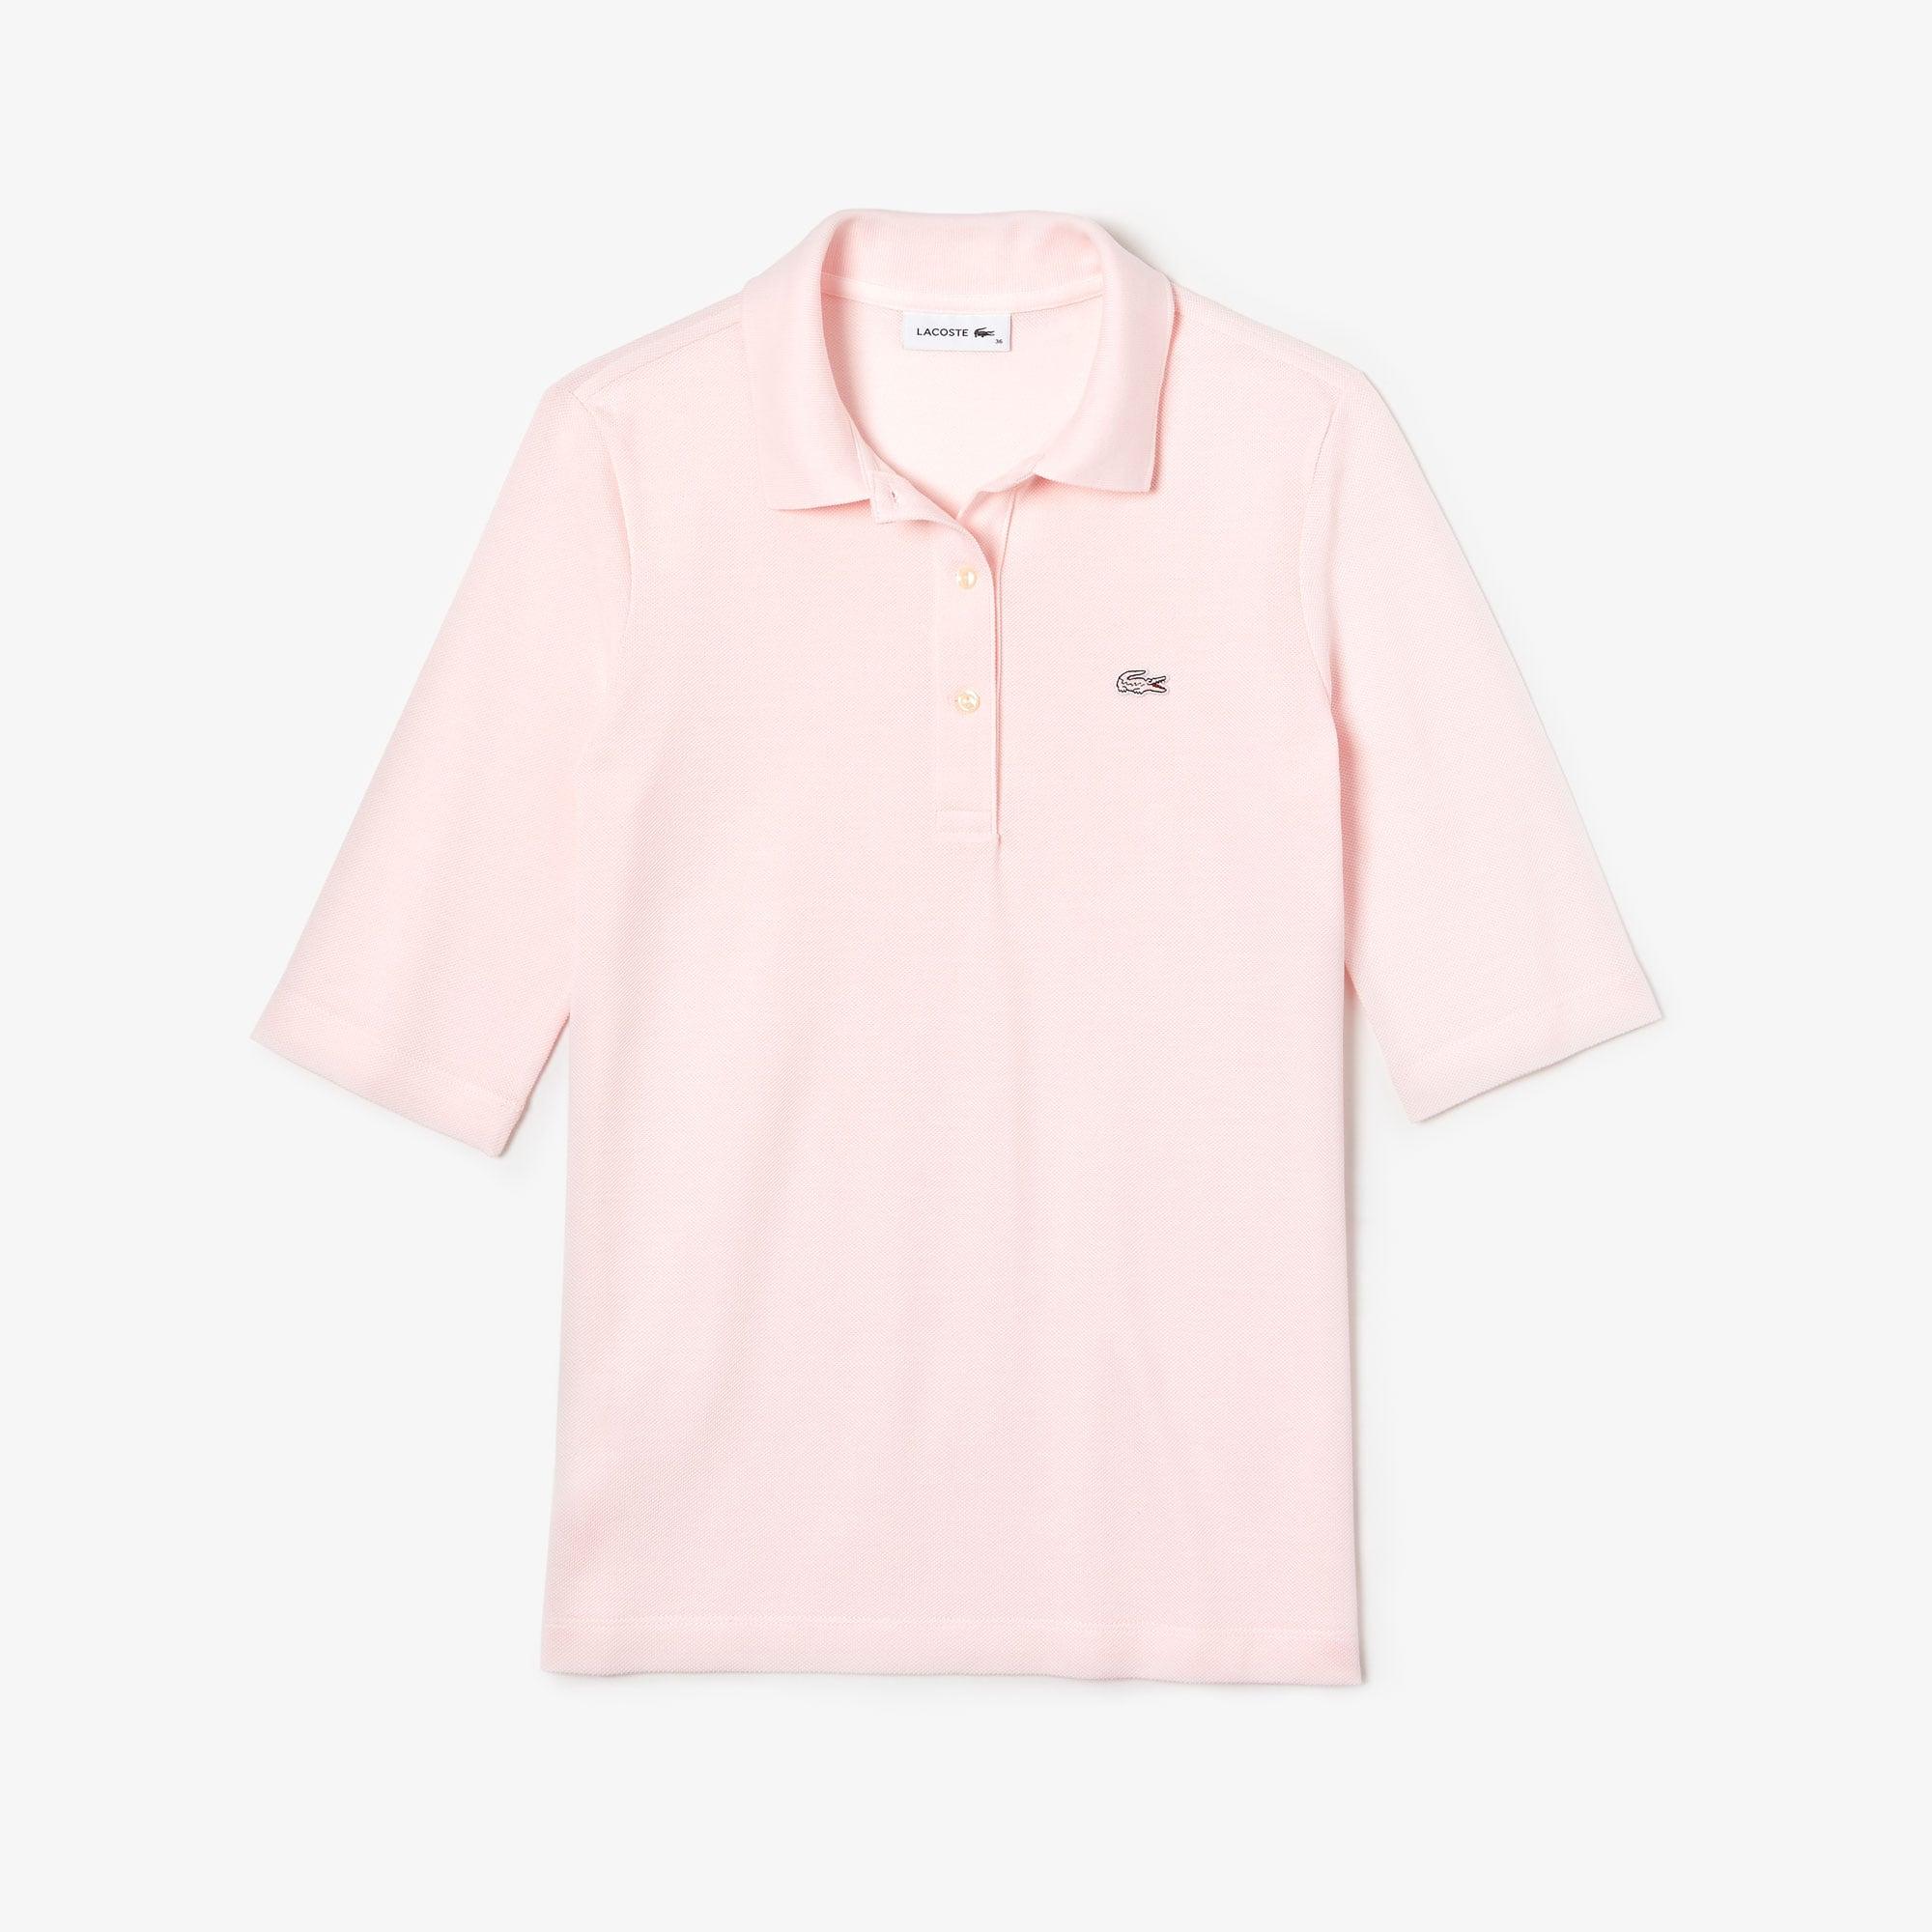 608c09a86fc26 Women s Lacoste Classic Fit Petit Piqué Polo Shirt